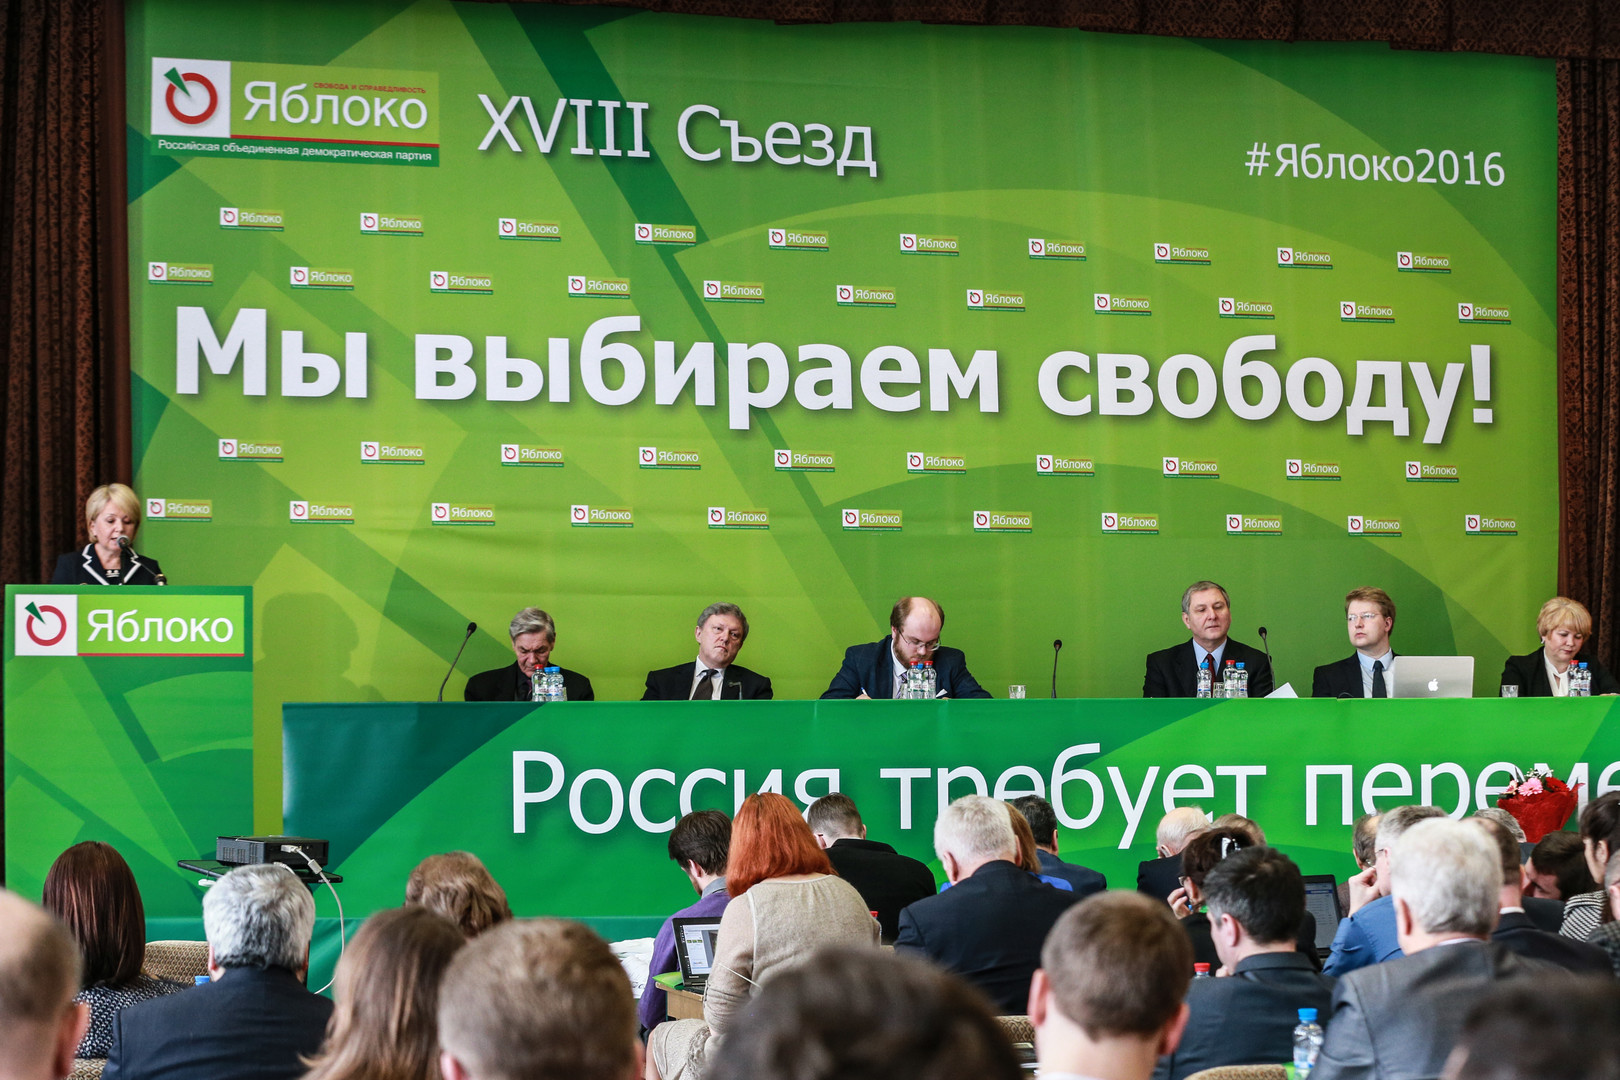 Russland: Oppositionspartei Jabloko nominiert Grigori Jawlinskij als Präsidentschaftskandidat 2018